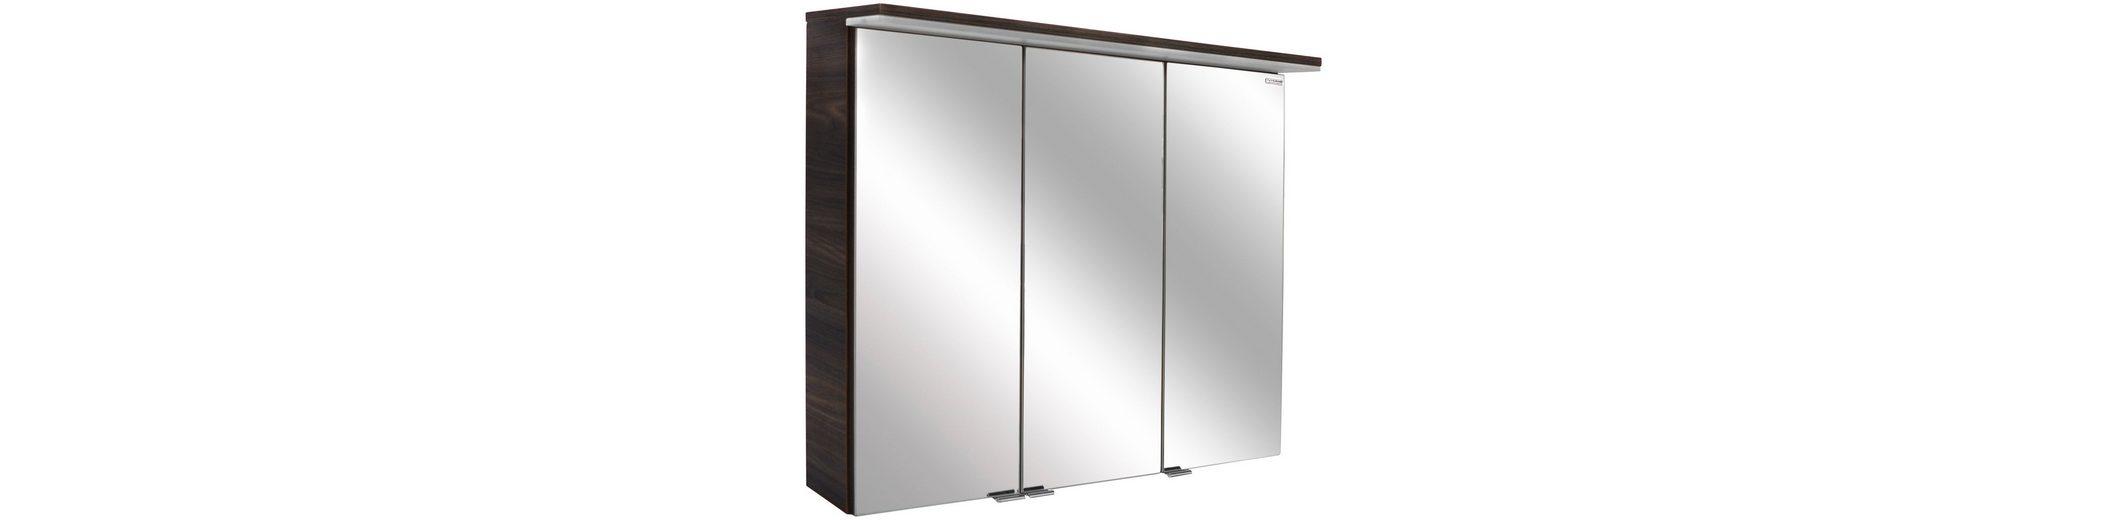 Spiegelschrank »Yega« Breite 80,5 cm, mit LED-Beleuchtung